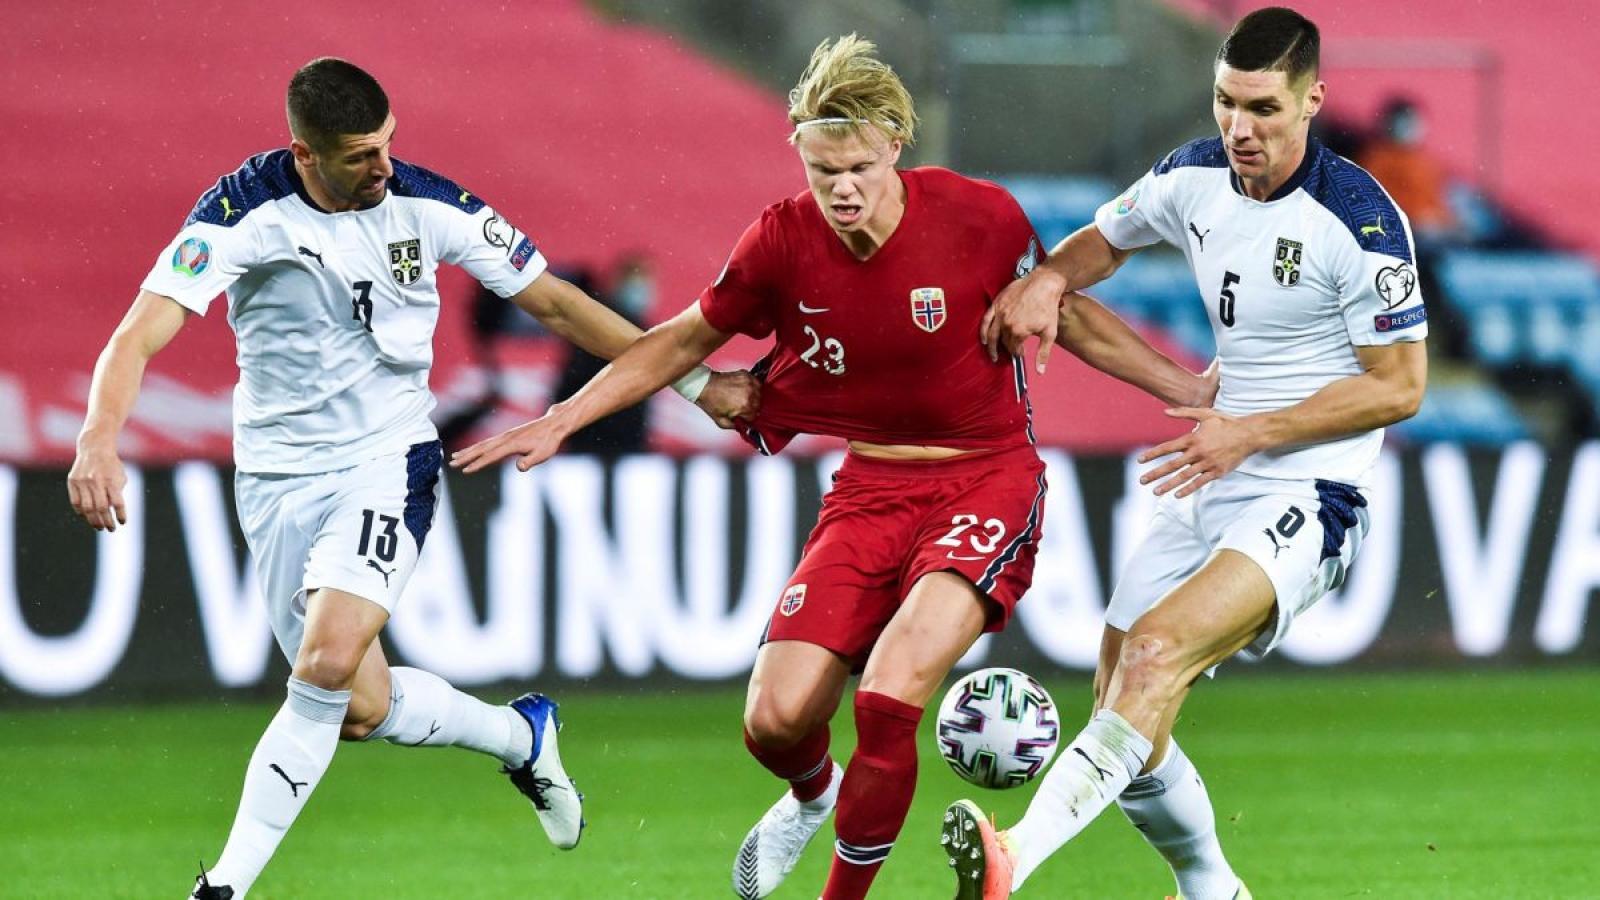 Đồng đội mắc Covid-19, Haaland mất cơ hội tranh tài ở Nations League